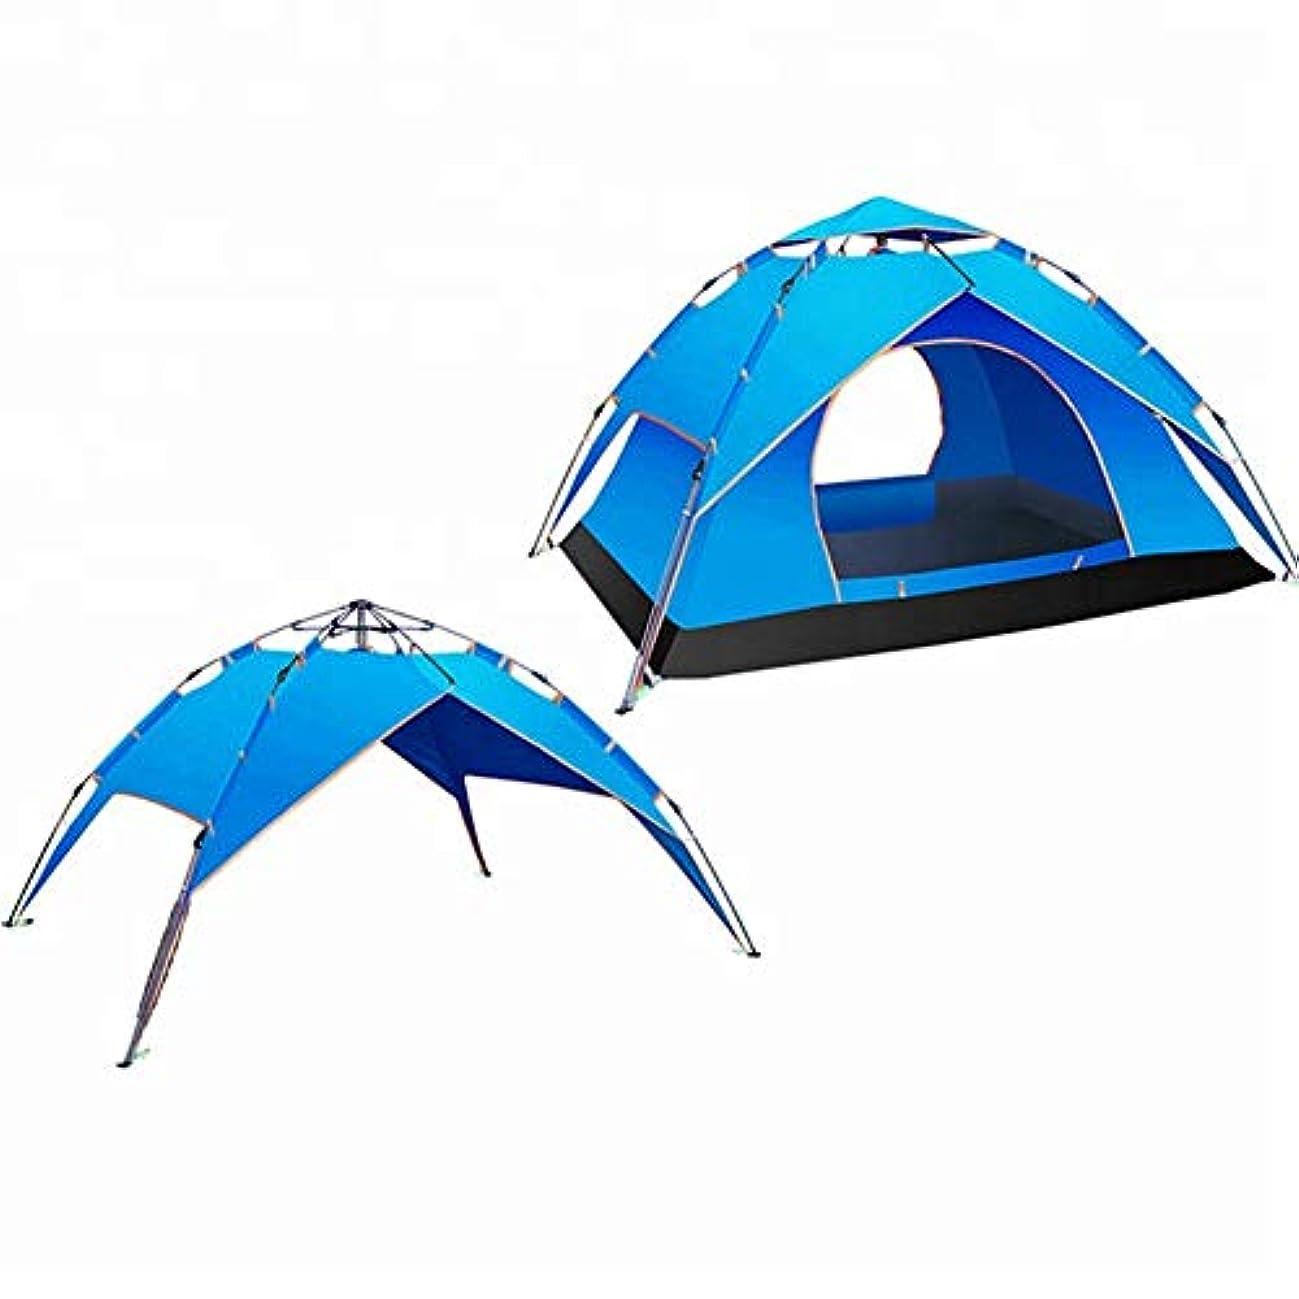 クレタケープ吹きさらし3-4 人キャンプテントバックパックテント防水ドーム自動ポップアップ屋外スポーツテントキャンピングサンシェルター、ダブルキャンプテント